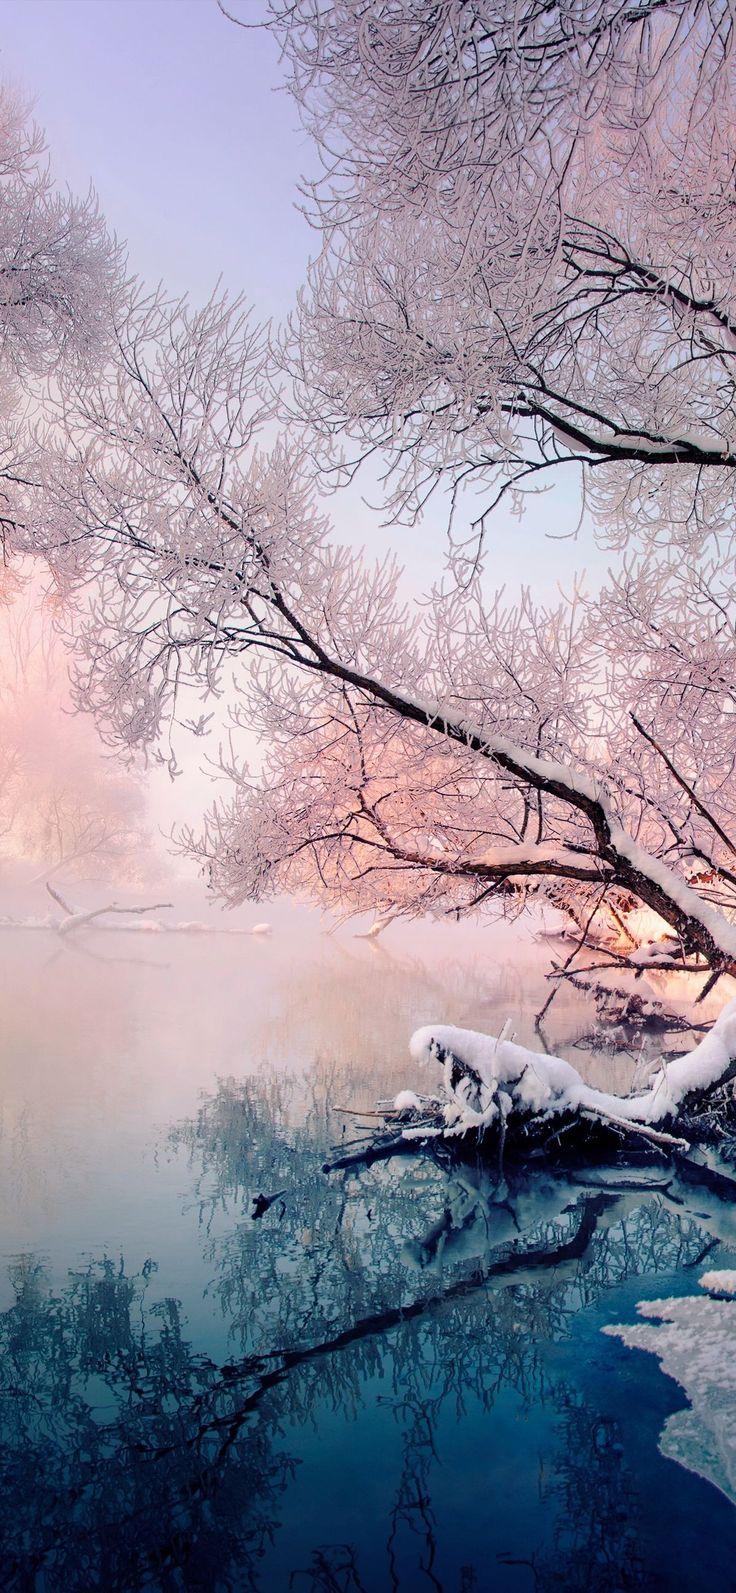 Naturbilder: schöne #Naturbilder #Natur #Baum #Gewässer #Winter